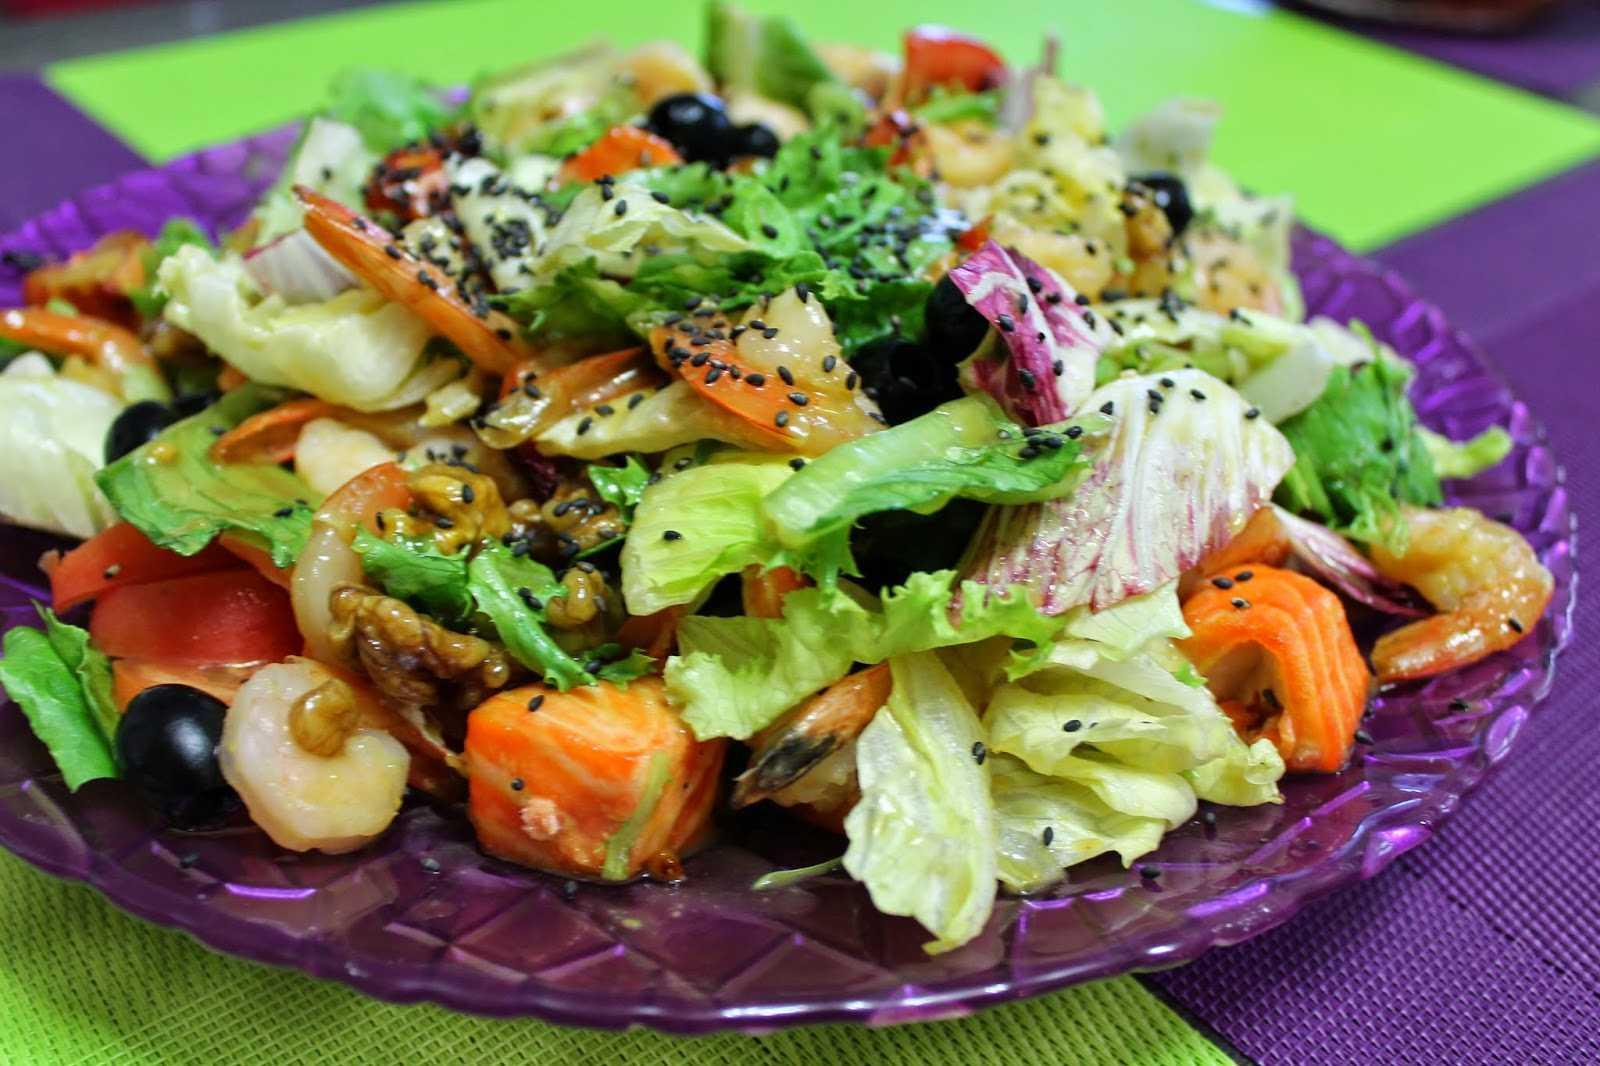 Вкуснейший салат с морепродуктами подойдет и на каждый день, и для праздников Пробуйте сами и угощайте своих родных, близких На страничке можно найти похожие рецепты, комментарии пользователей, кулинарные советы, рекомендации, подсказки, пошаговые фото